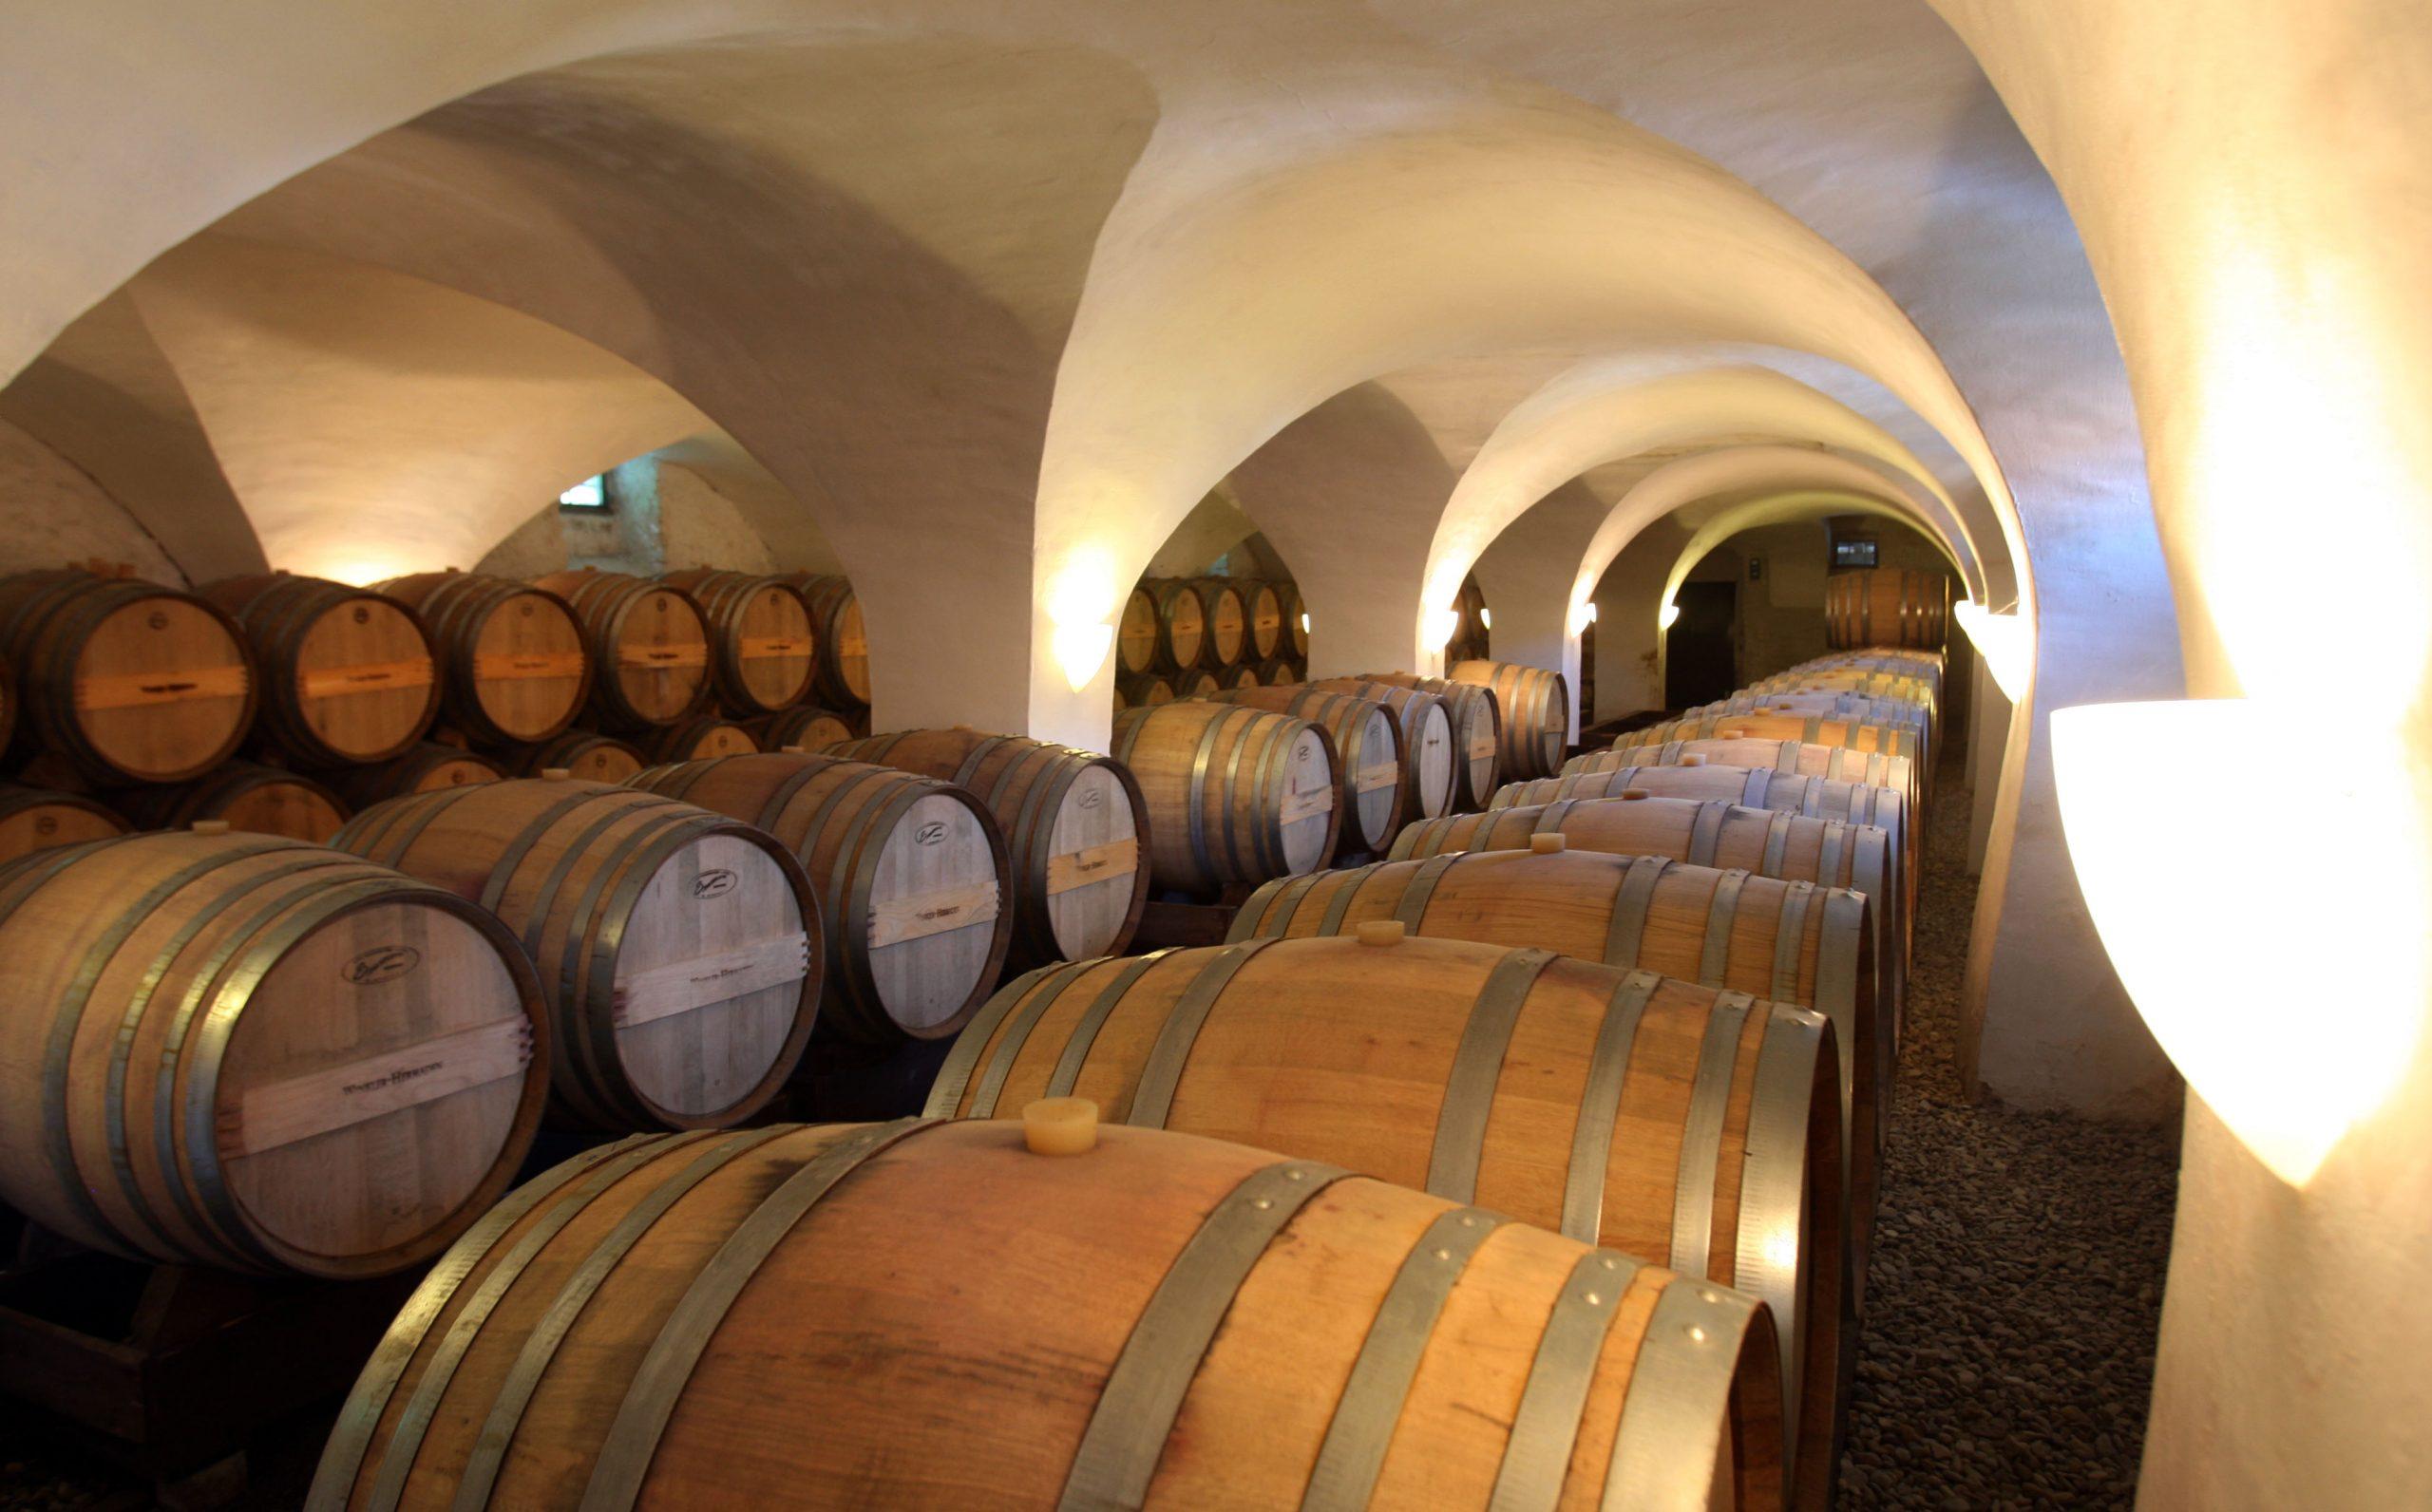 winkler-hermaden amazing wine cellar with mane wooden barrels